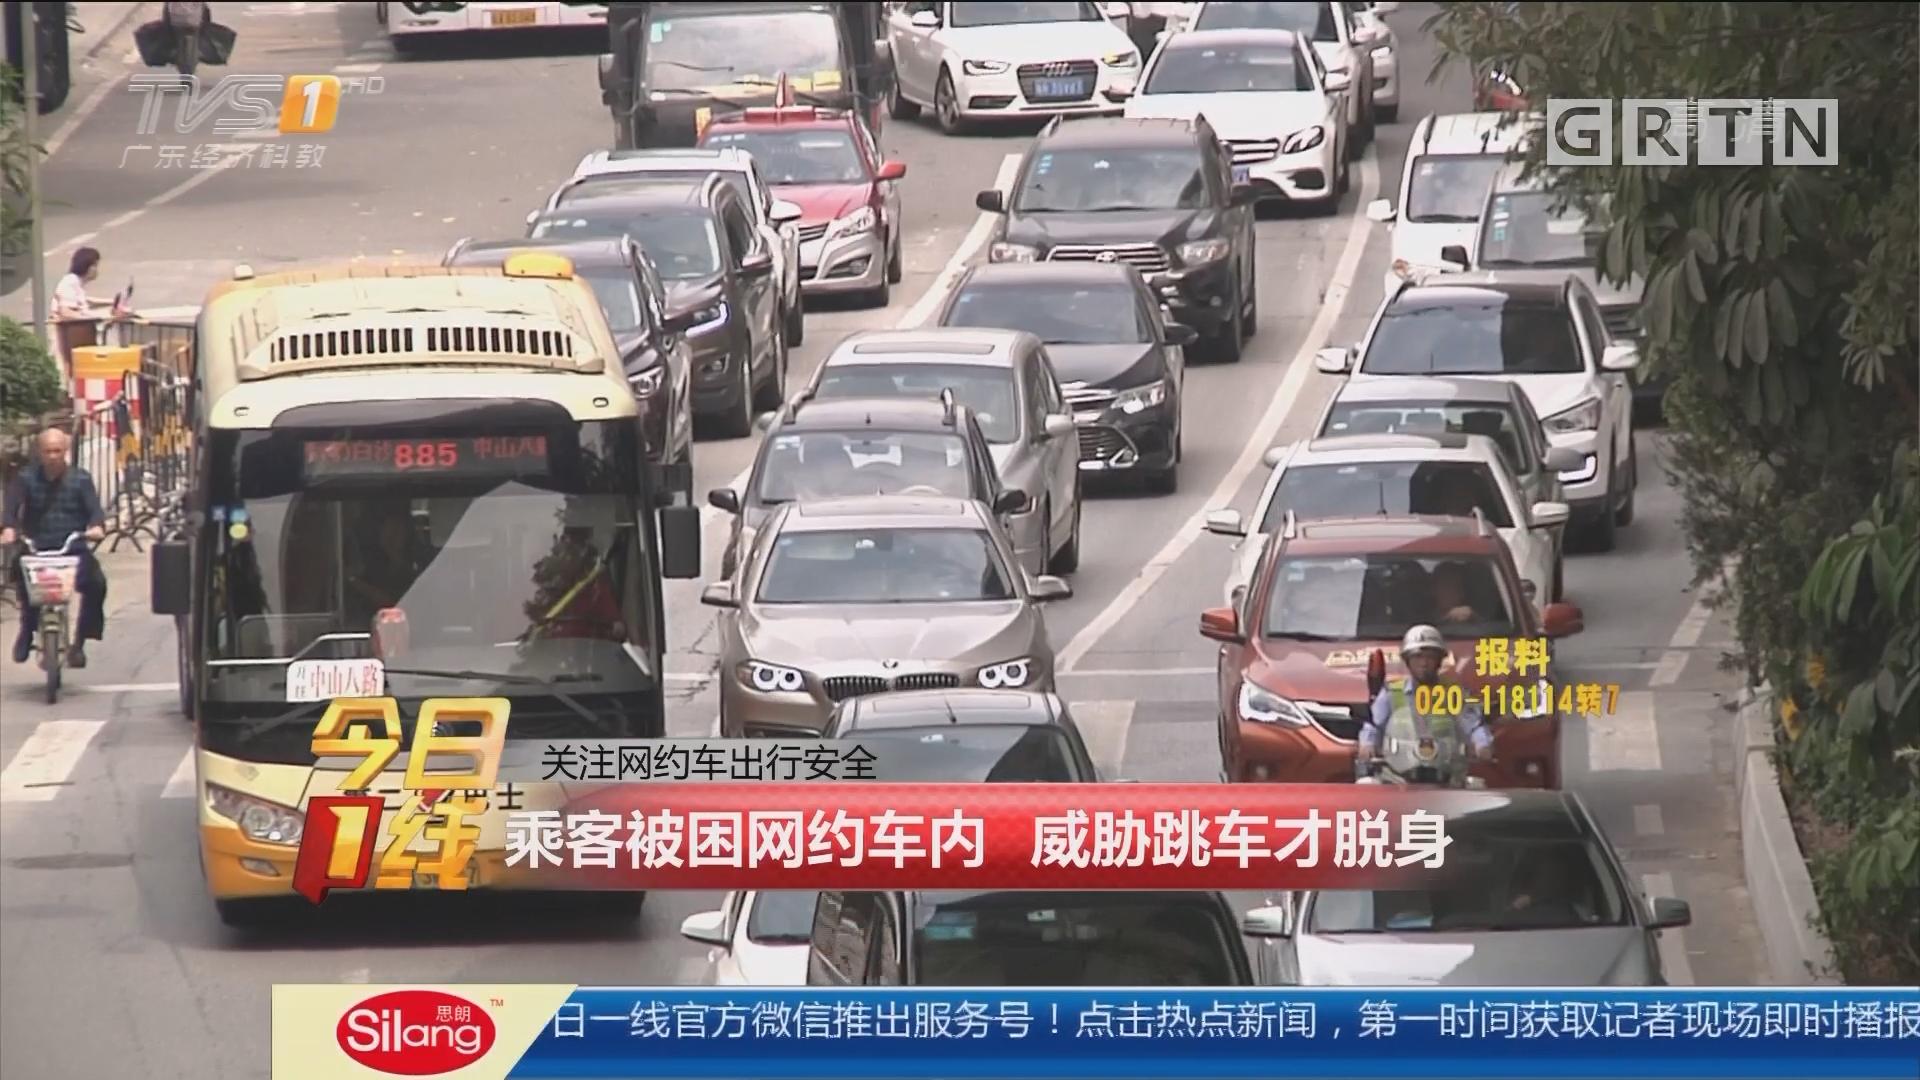 关注网约车出行安全:乘客被困网约车内 威胁跳车才脱身